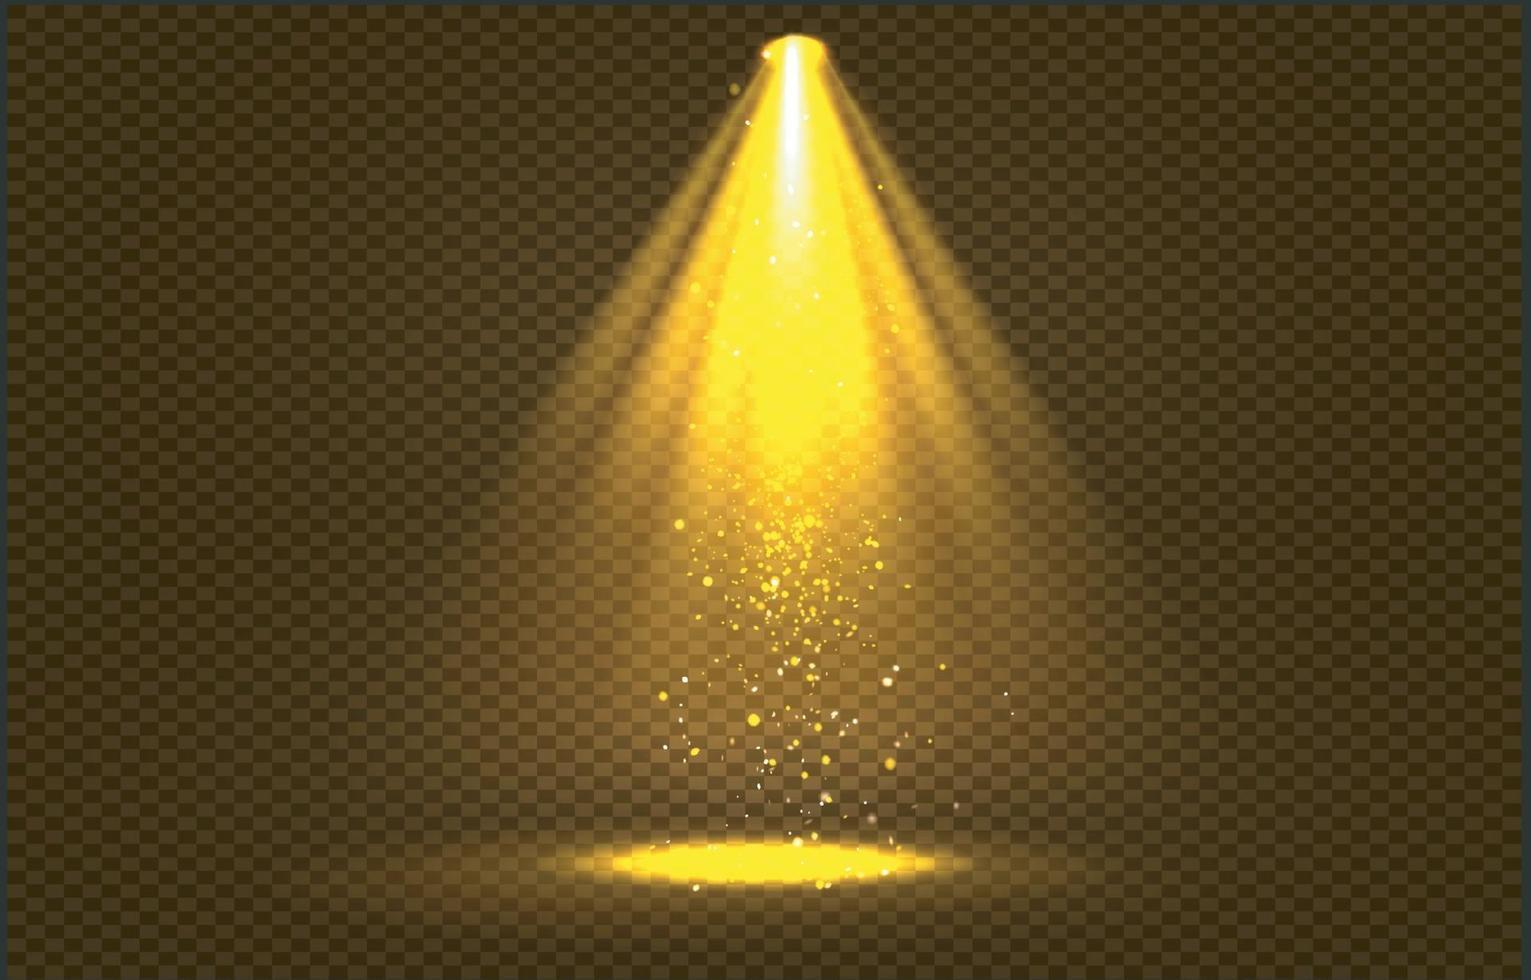 faisceaux de projecteurs en or avec des étincelles d'or, vecteur